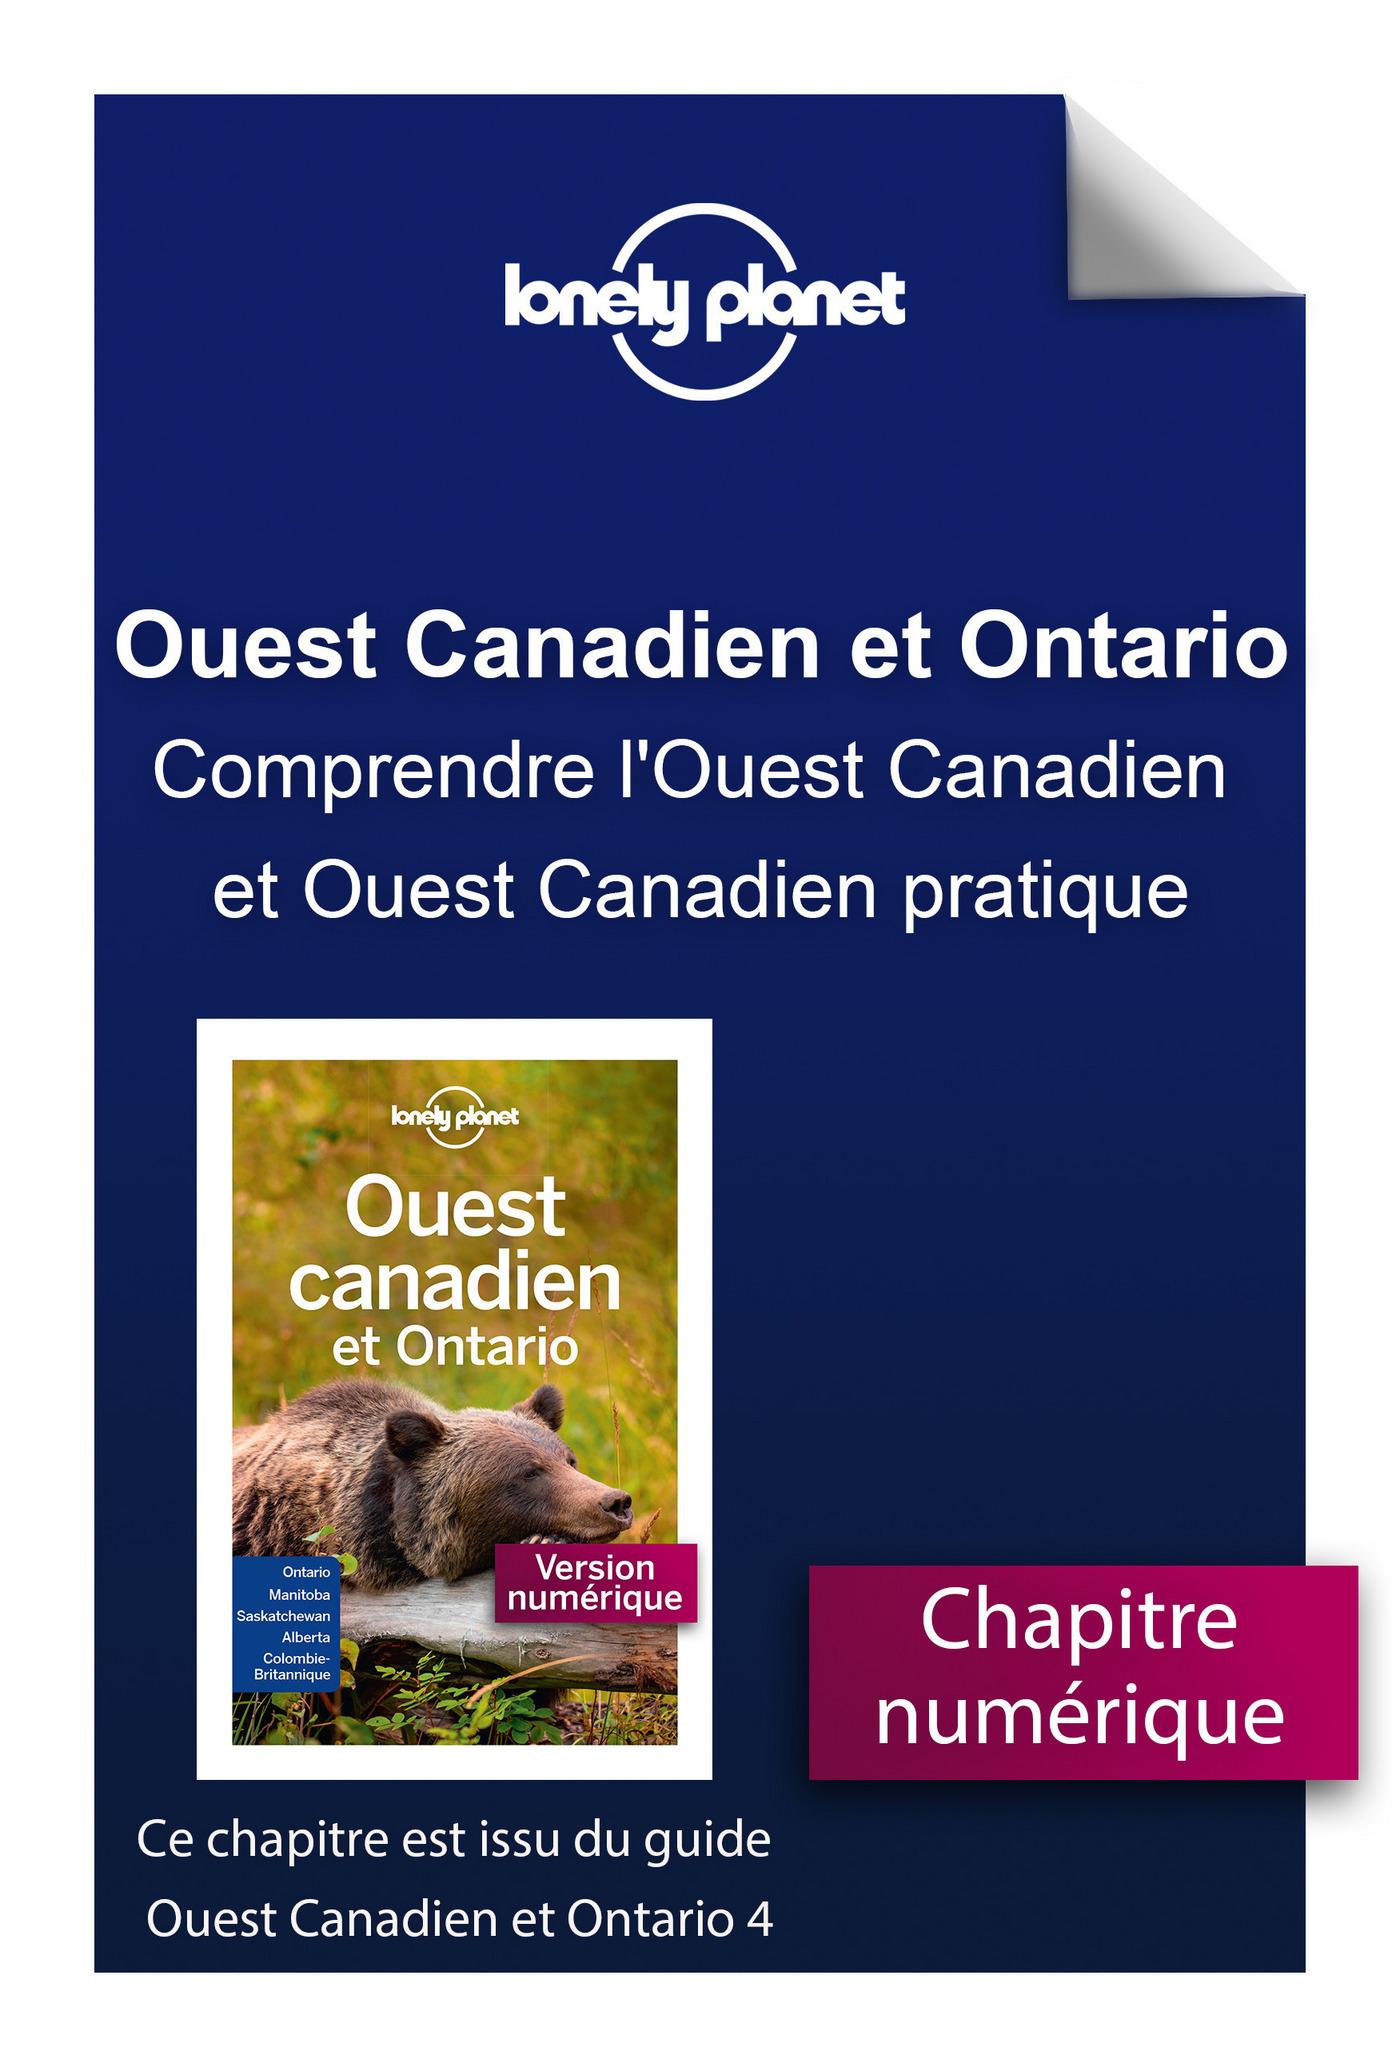 Ouest Canadien et Ontario 4 - Comprendre l'Ouest Canadien et Ouest Canadien pratique